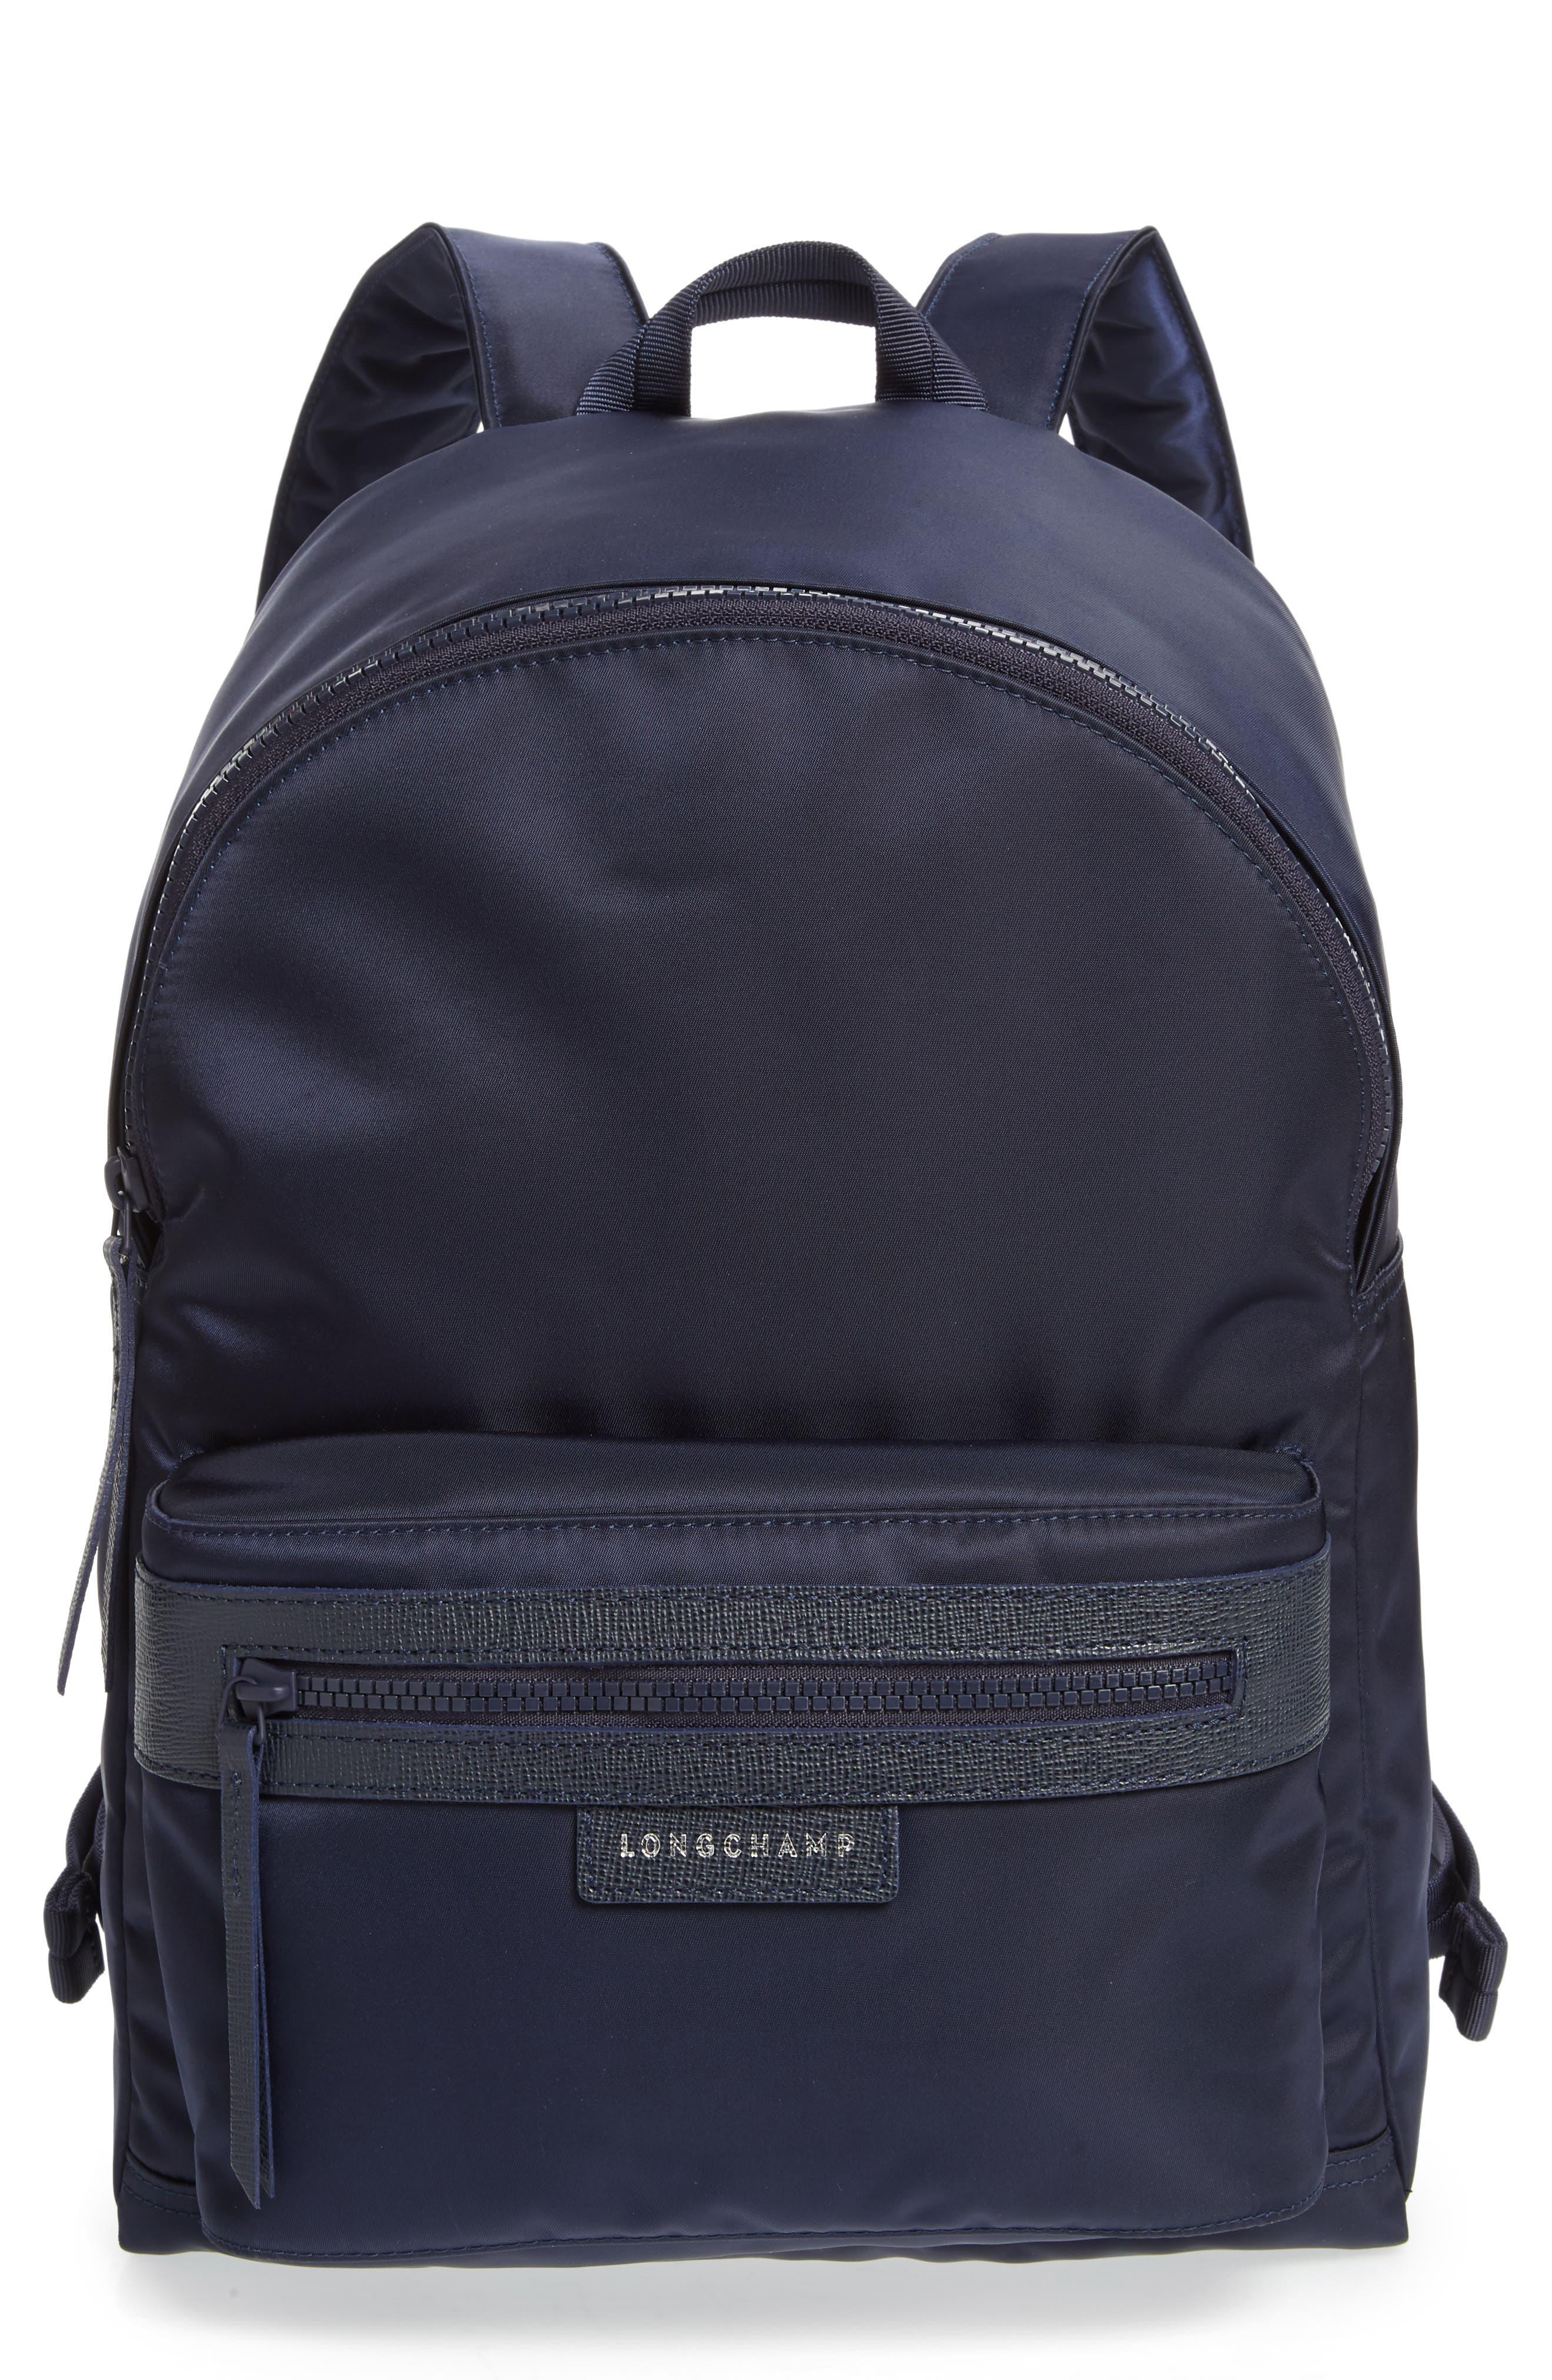 LONGCHAMP, 'Le Pliage Neo' Nylon Backpack, Main thumbnail 1, color, NAVY BLUE